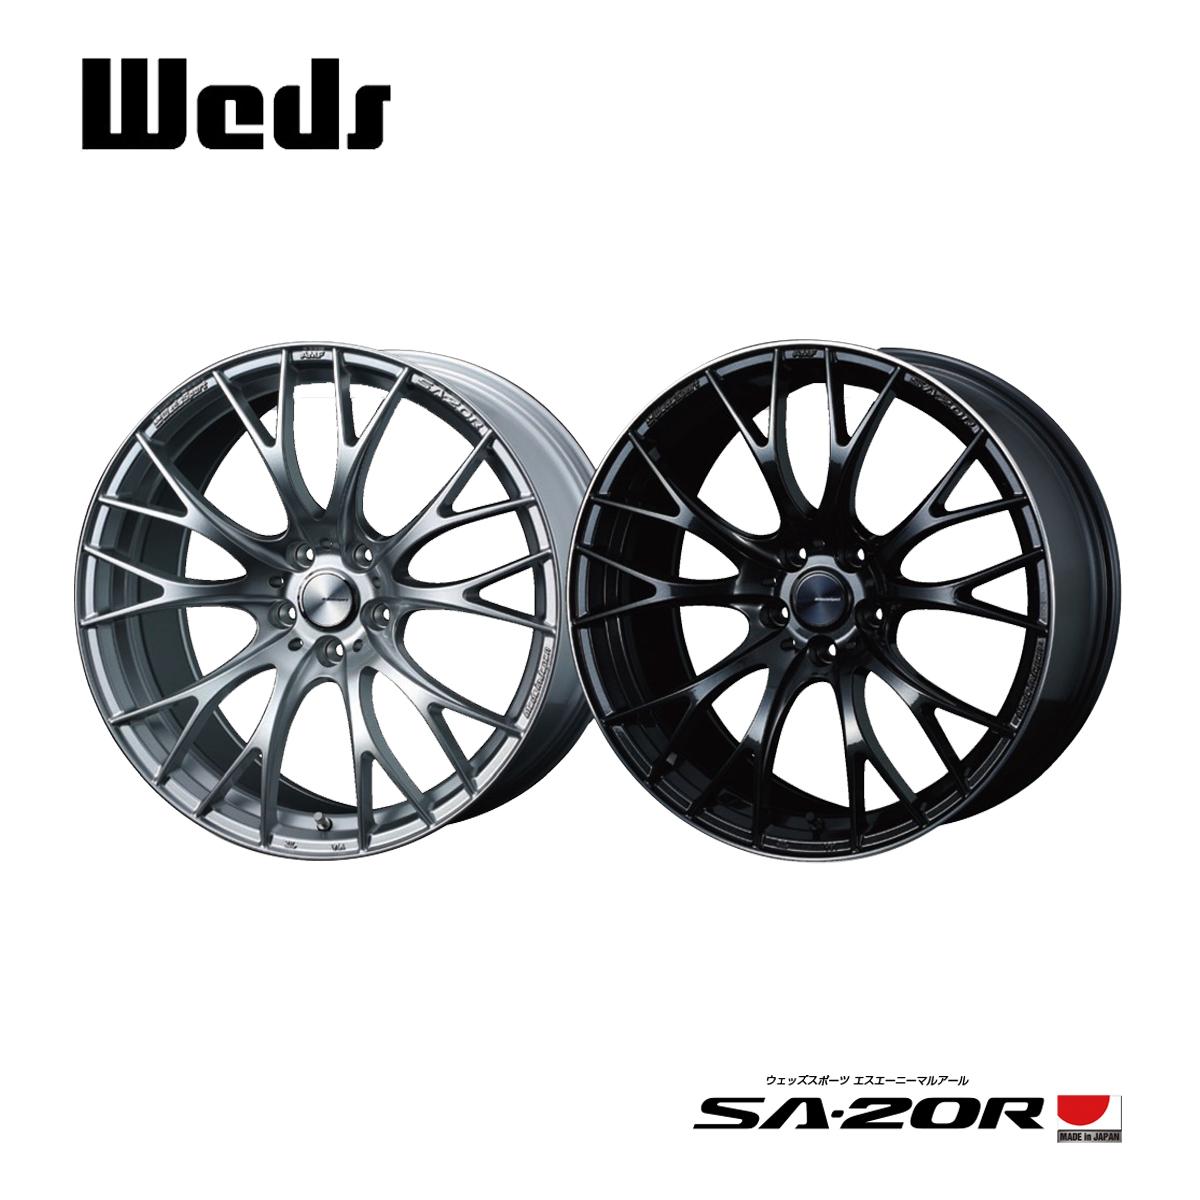 ウエッズスポーツ WedsSport SA-20R ホイール 1本 18 インチ 5100 7.5J+45 ウェッズ WEDS